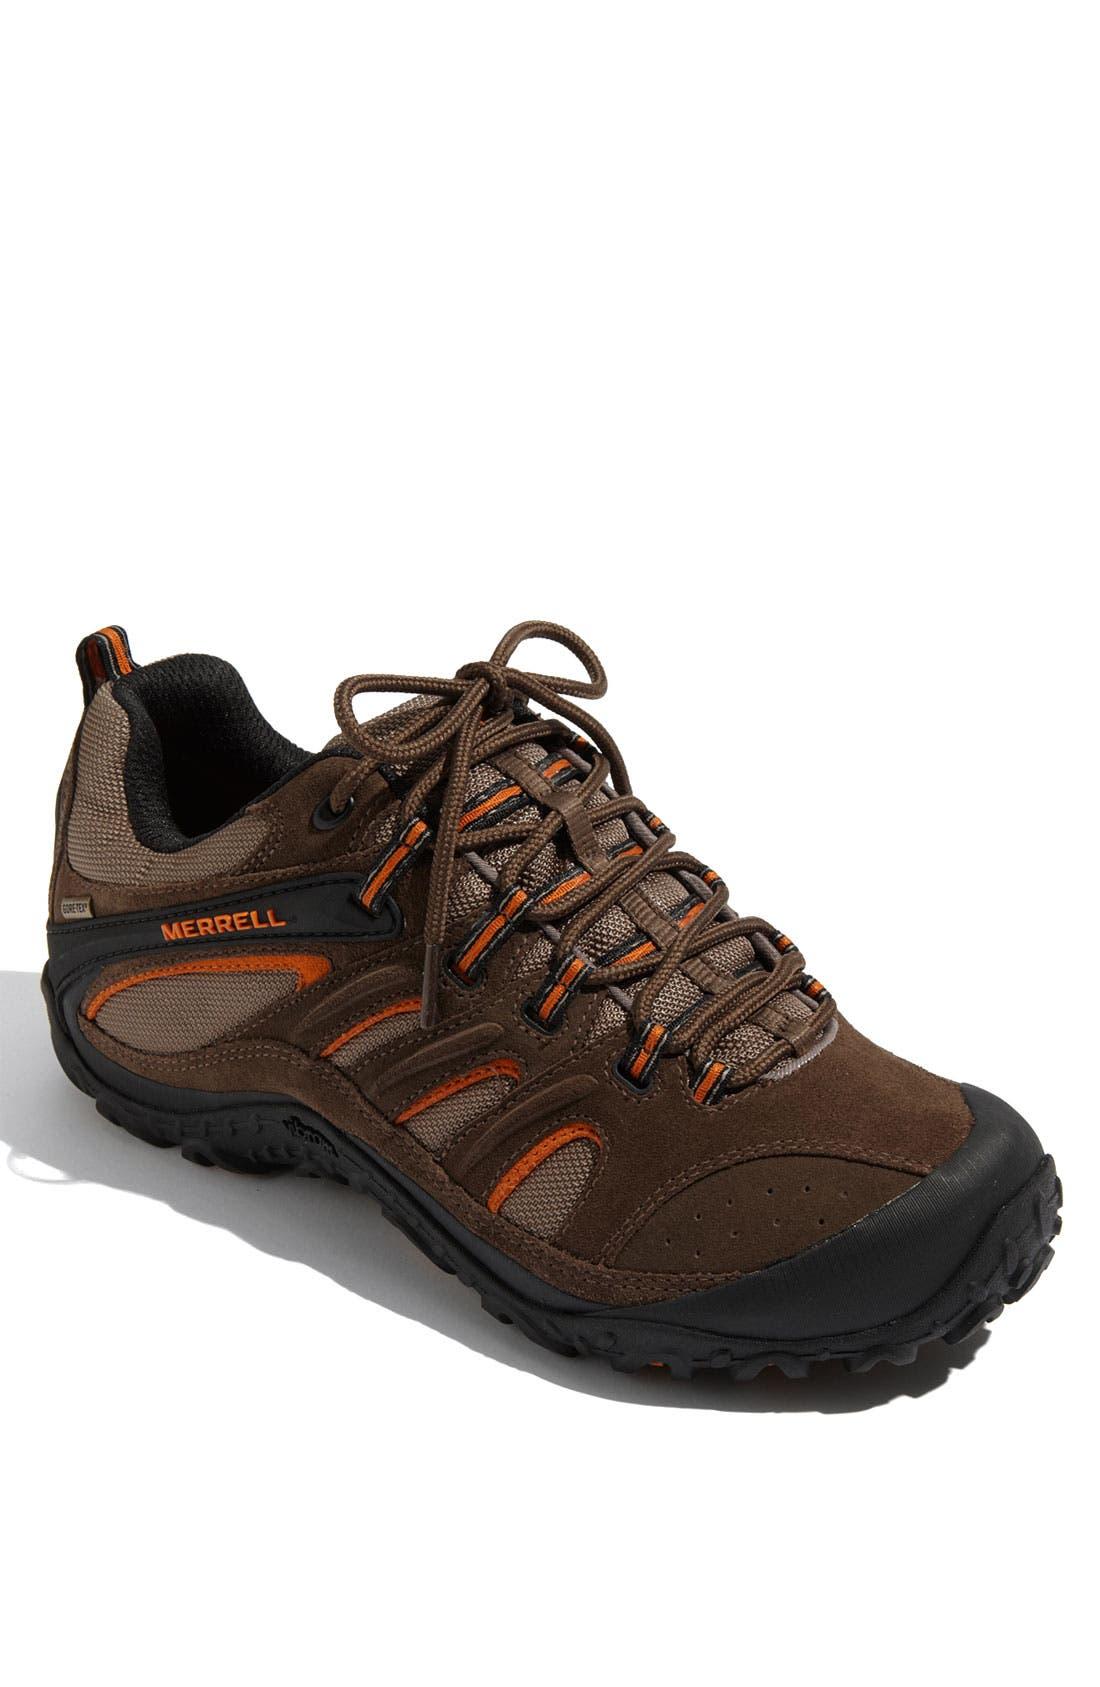 Merrell 'Chameleon 4 Ventilator GTX' Hiking Shoe (Men ...